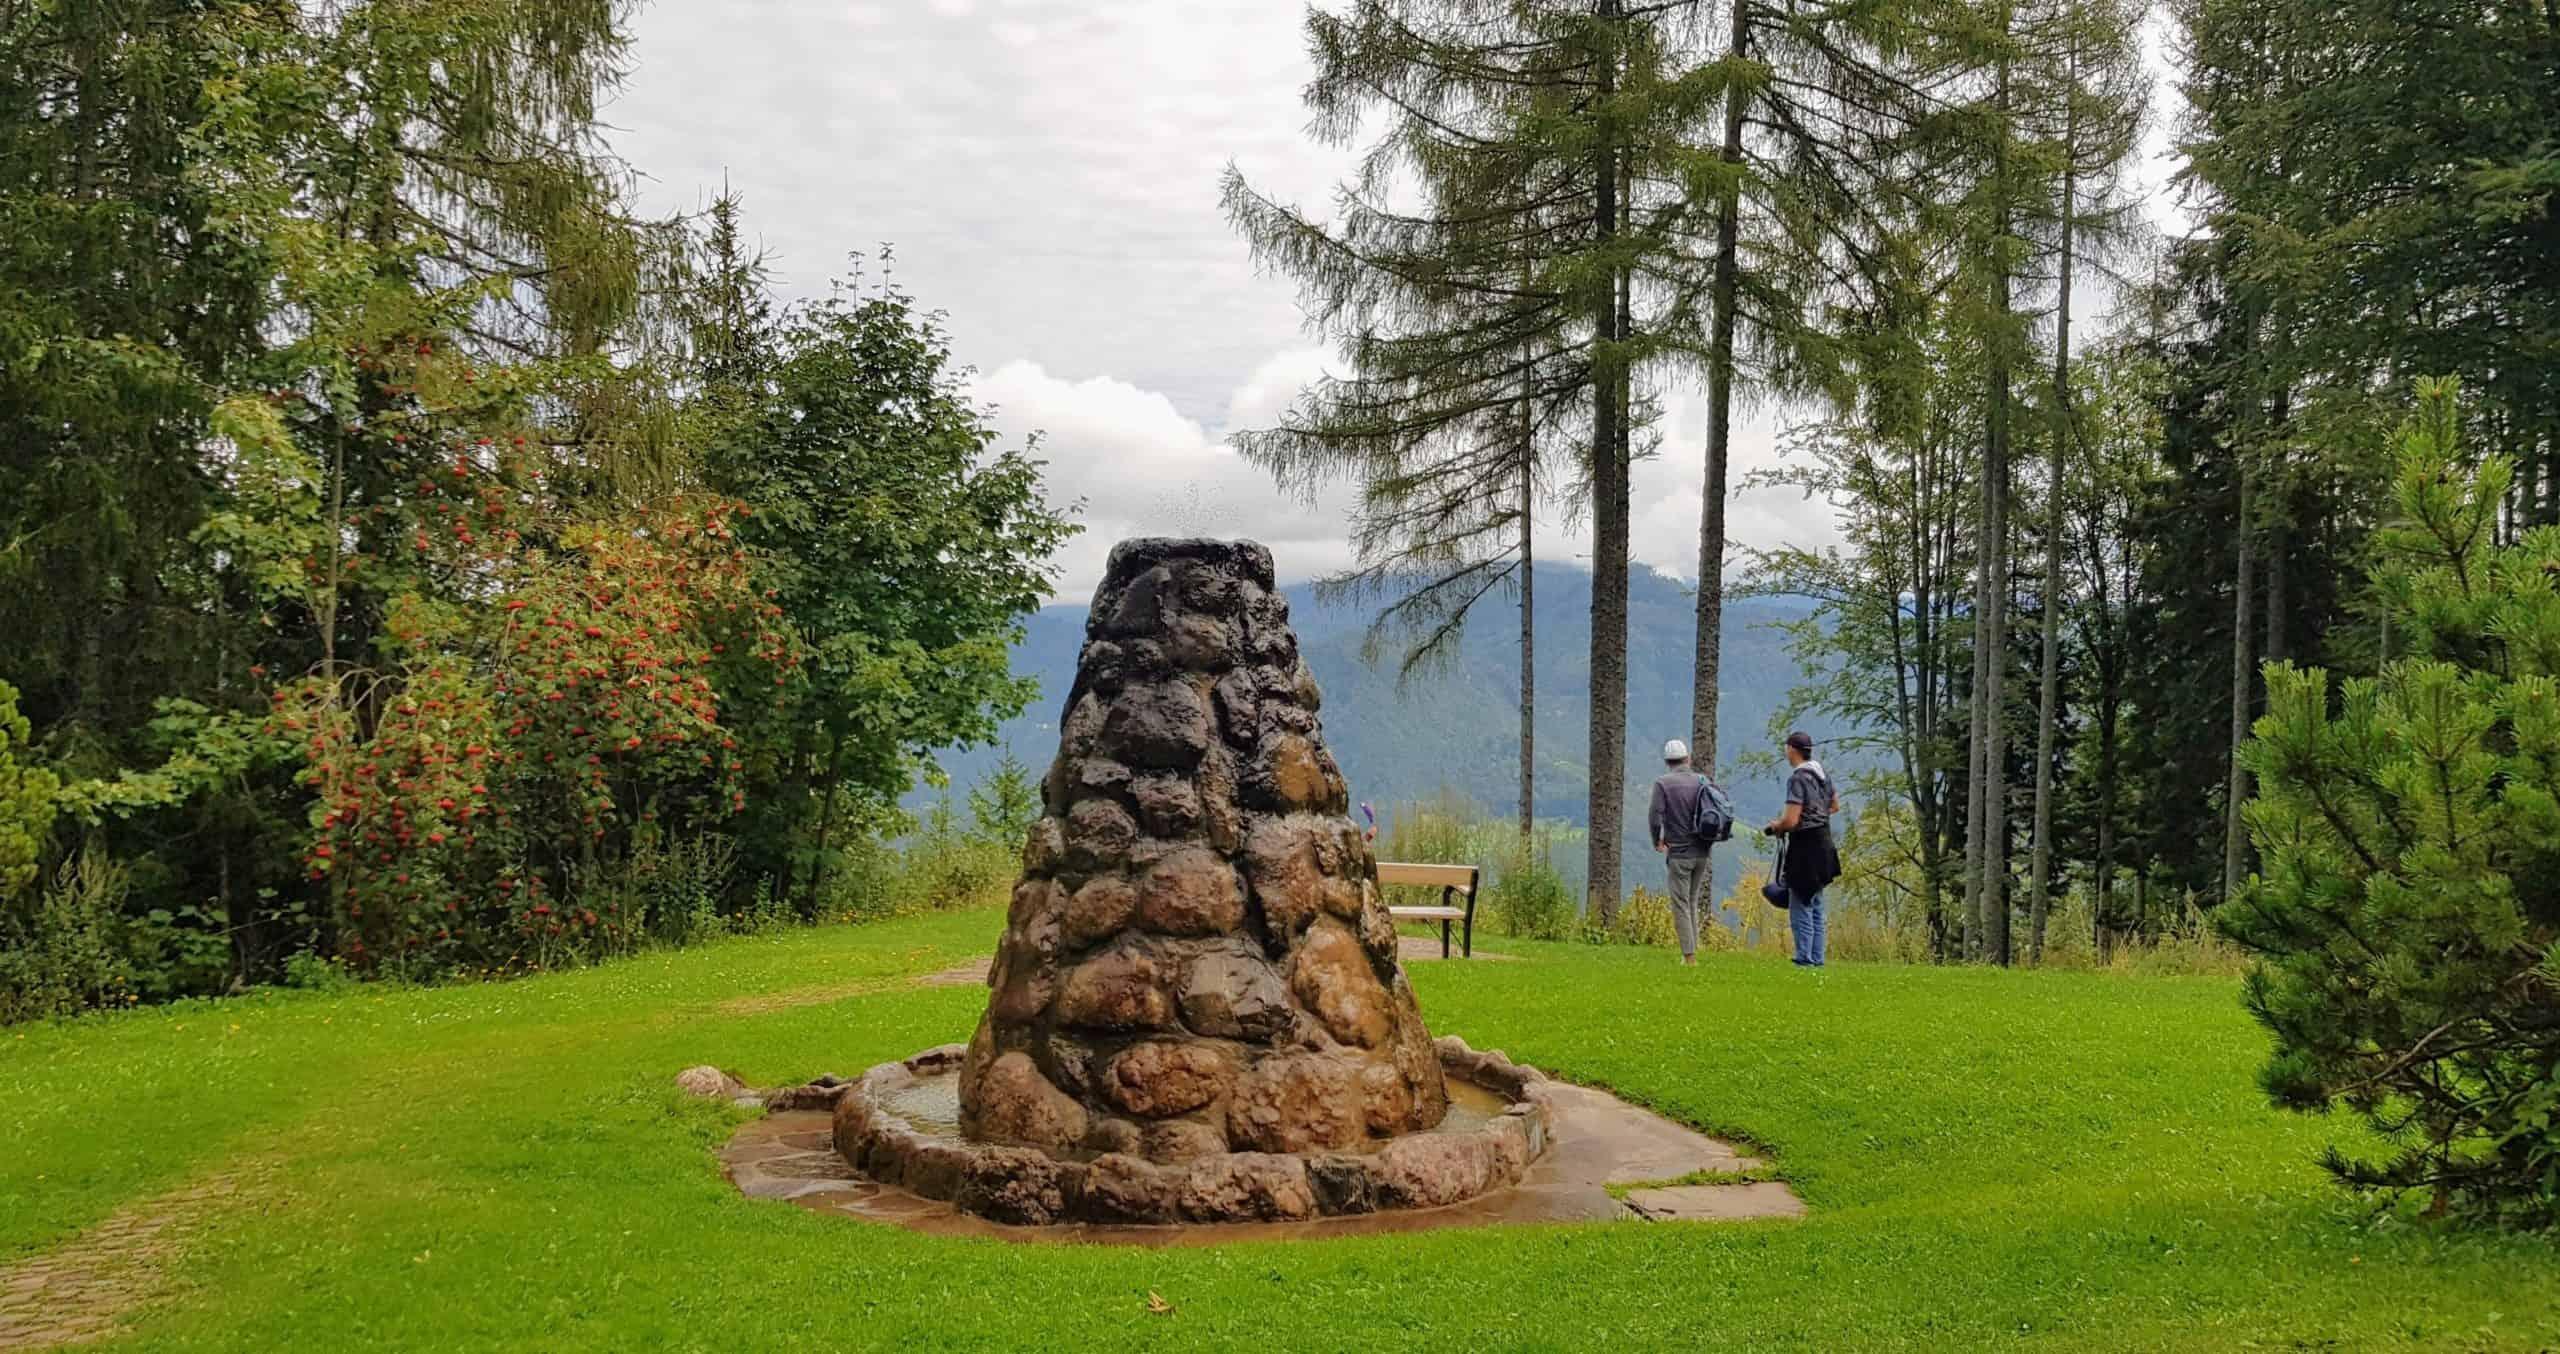 Platz mit Brunnen vor Obir Tropfsteinhöhlen - beliebtes Ausflugsziel in Kärnten, Urlaubsregion Klopeinersee in Österreich